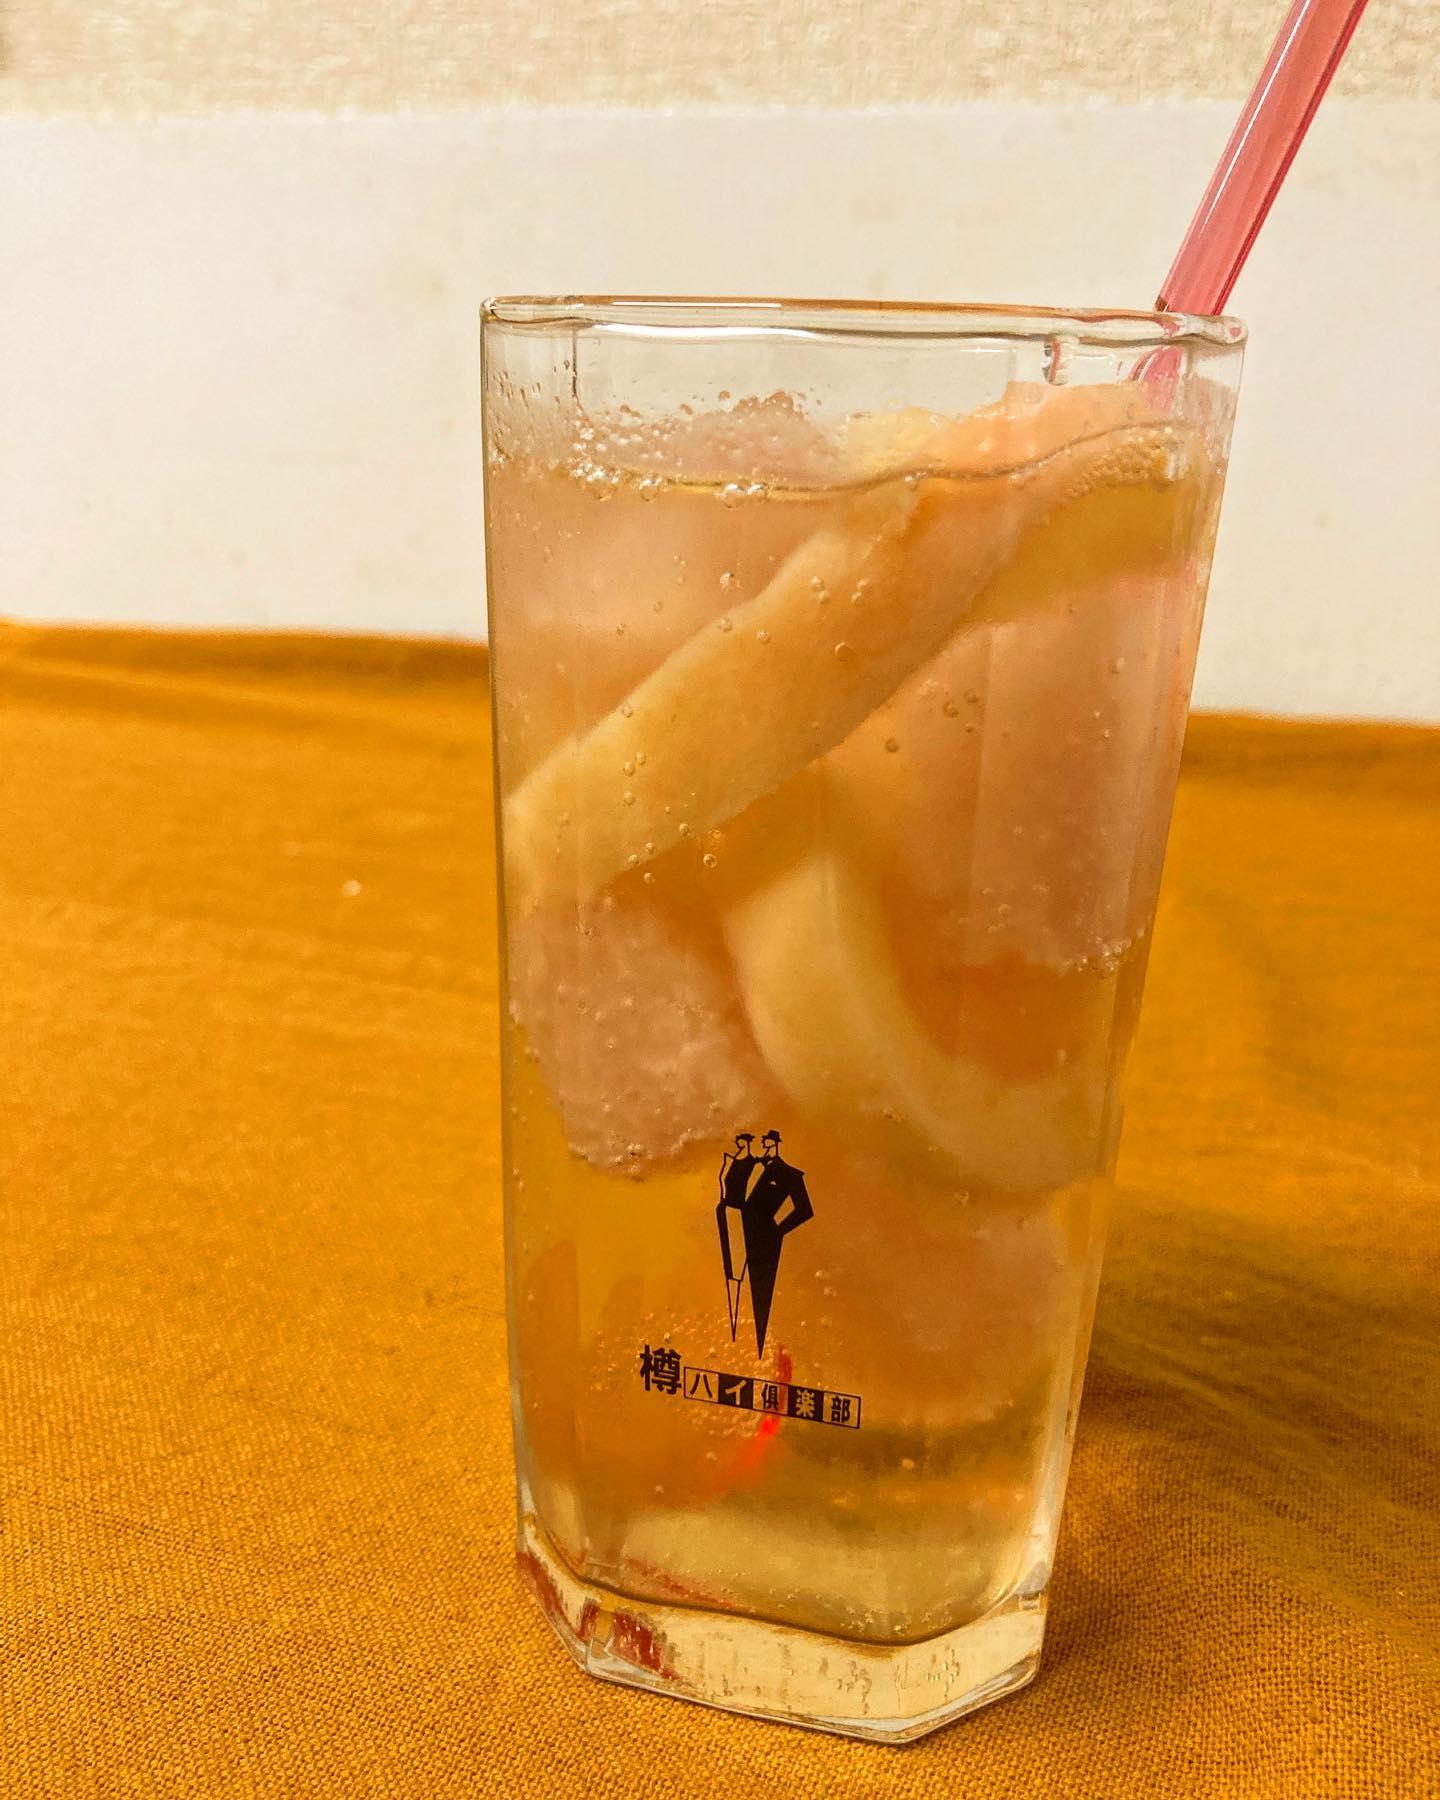 【おはしどころ菜でしこ】 〜贅沢な冷凍桃のコンポートサワー〜    栃木県産の完熟ももを蜜煮にして そのまま冷凍️  煮汁のスープも氷にしてあるので、 時間がたつほど濃密な味わいに   どちらもそのままシャーベットとして 食べれますよ〜   去年も好評だった桃サワーを さらに改良してレベルアップしました️     ※お酒のご提供はご家族もしくは、  4名様以内のグループの方のみとなります。  ※ラストオーダー 20:00  閉店時間    21:00  【埼玉県本庄駅徒歩30秒】 【17:00〜21:00】 【お昼の和食コース有り🥢】  【インスタのメッセージ問合せ】 【お店️0495-23-3058】 【携帯080-3455-4951】     